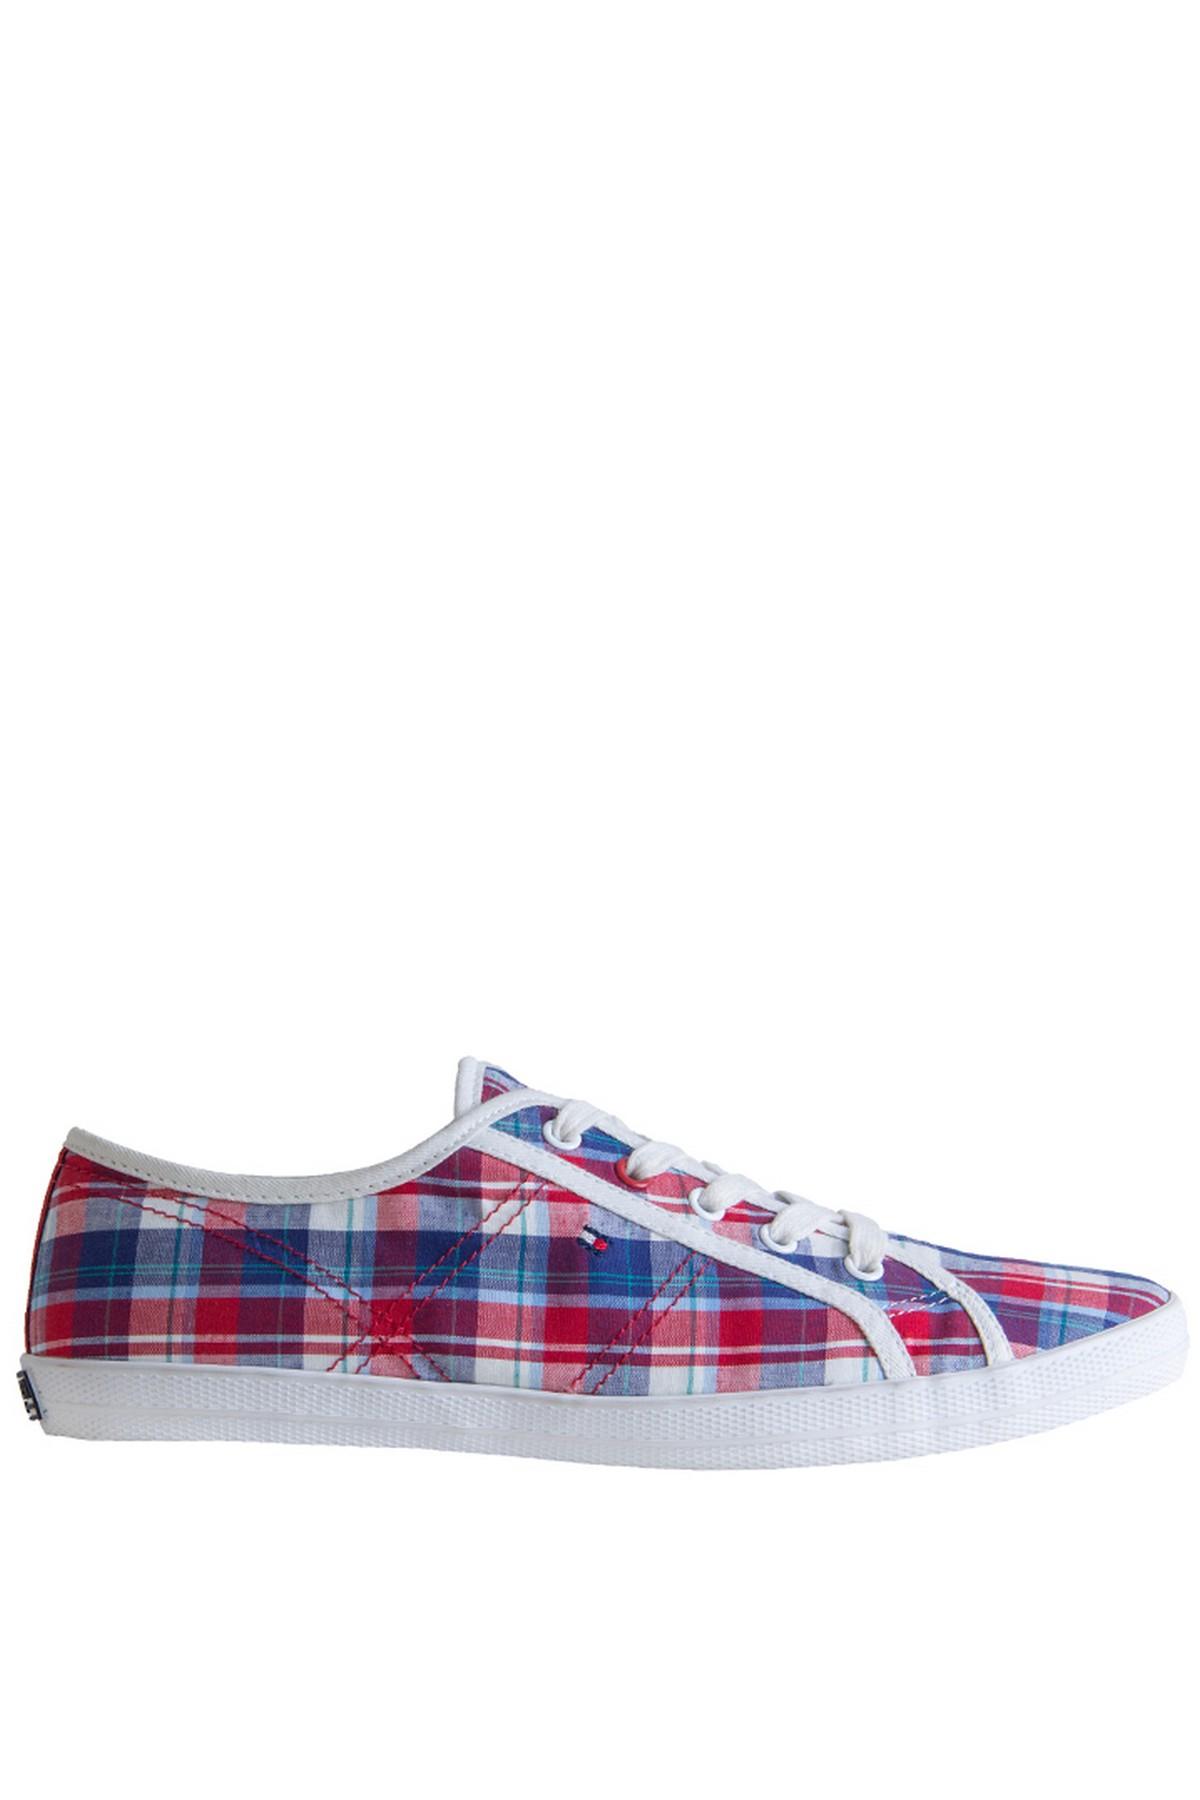 Tommy Hilfiger Victoria Kadın Günlük Ayakkabı (FW56815546-214)